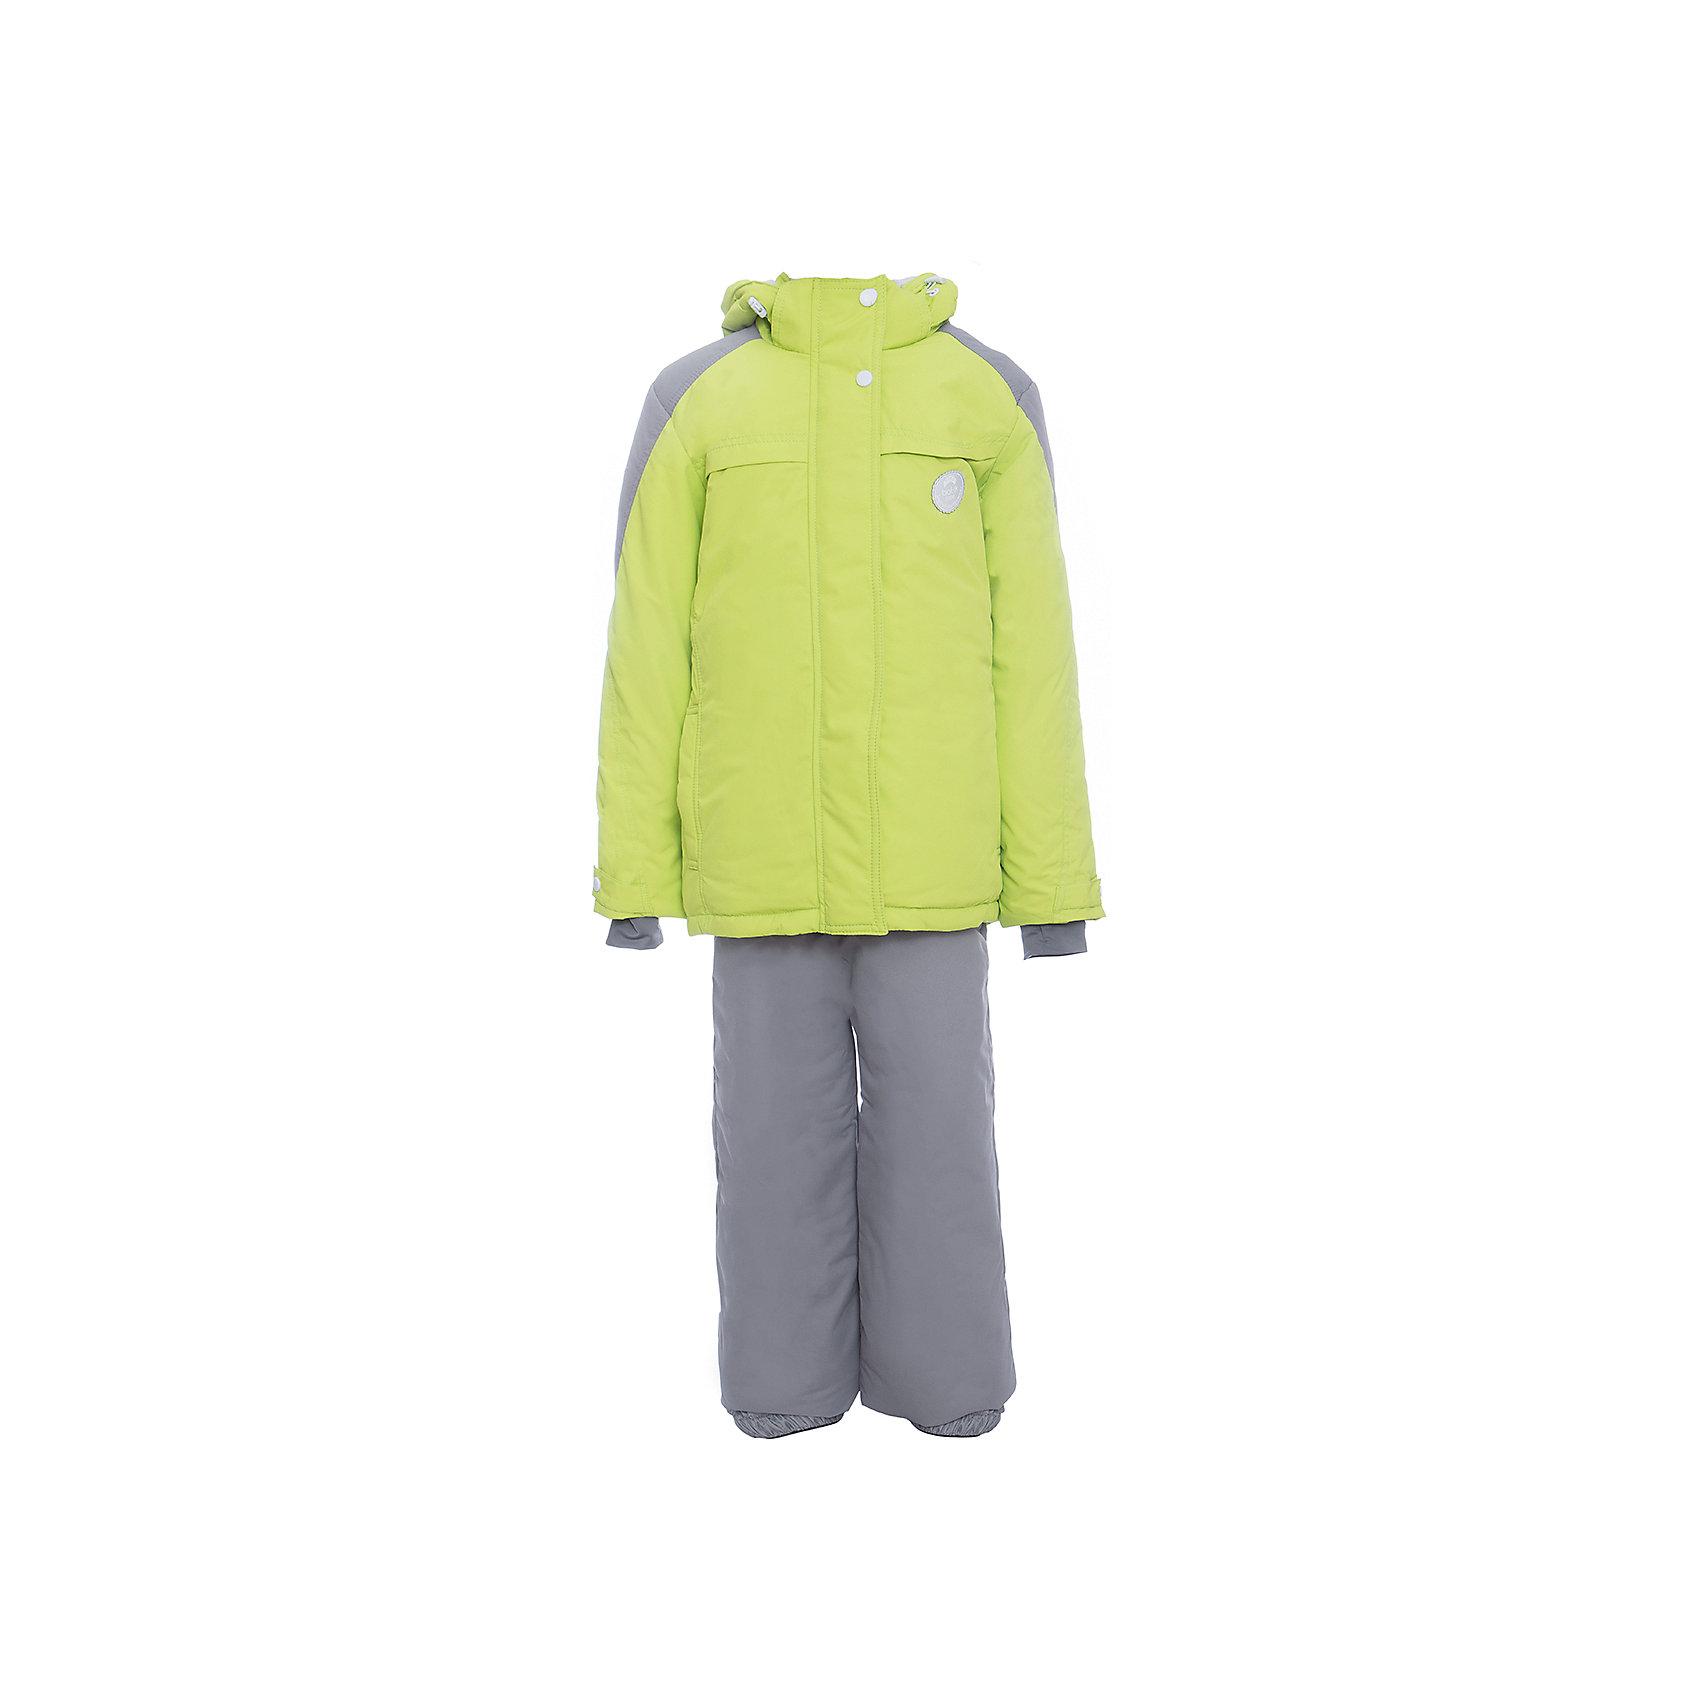 Комплект: куртка и полукомбенизон очками Batik для девочкиВерхняя одежда<br>Характеристики товара:<br><br>• цвет: зеленый<br>• комплектация: куртка и полукомбинезон <br>• состав ткани: таслан<br>• подкладка: поларфлис<br>• утеплитель: термофин <br>• сезон: зима<br>• мембранное покрытие<br>• температурный режим: от -35 до 0<br>• водонепроницаемость: 5000 мм <br>• паропроницаемость: 5000 г/м2<br>• плотность утеплителя: куртка - 350 г/м2, полукомбинезон - 150 г/м2<br>• застежка: молния<br>• капюшон: без меха, отстегивается<br>• в комплекте горнолыжные очки<br>• встроенный термодатчик<br>• страна бренда: Россия<br>• страна изготовитель: Россия<br><br>Яркий мембранный комплект Batik для девочки сделан легкого, но теплого материала. Зимний комплект для ребенка отличается стильным дизайном. Непромокаемый и непродуваемый верх детской зимней куртки и полукомбинезона обеспечит тепло. Подкладка детского комплекта для зимы приятная на ощупь.<br><br>Комплект: куртка и полукомбинезон Batik (Батик) для девочки можно купить в нашем интернет-магазине.<br><br>Ширина мм: 356<br>Глубина мм: 10<br>Высота мм: 245<br>Вес г: 519<br>Цвет: зеленый<br>Возраст от месяцев: 120<br>Возраст до месяцев: 132<br>Пол: Женский<br>Возраст: Детский<br>Размер: 146,164,158,152<br>SKU: 7027955